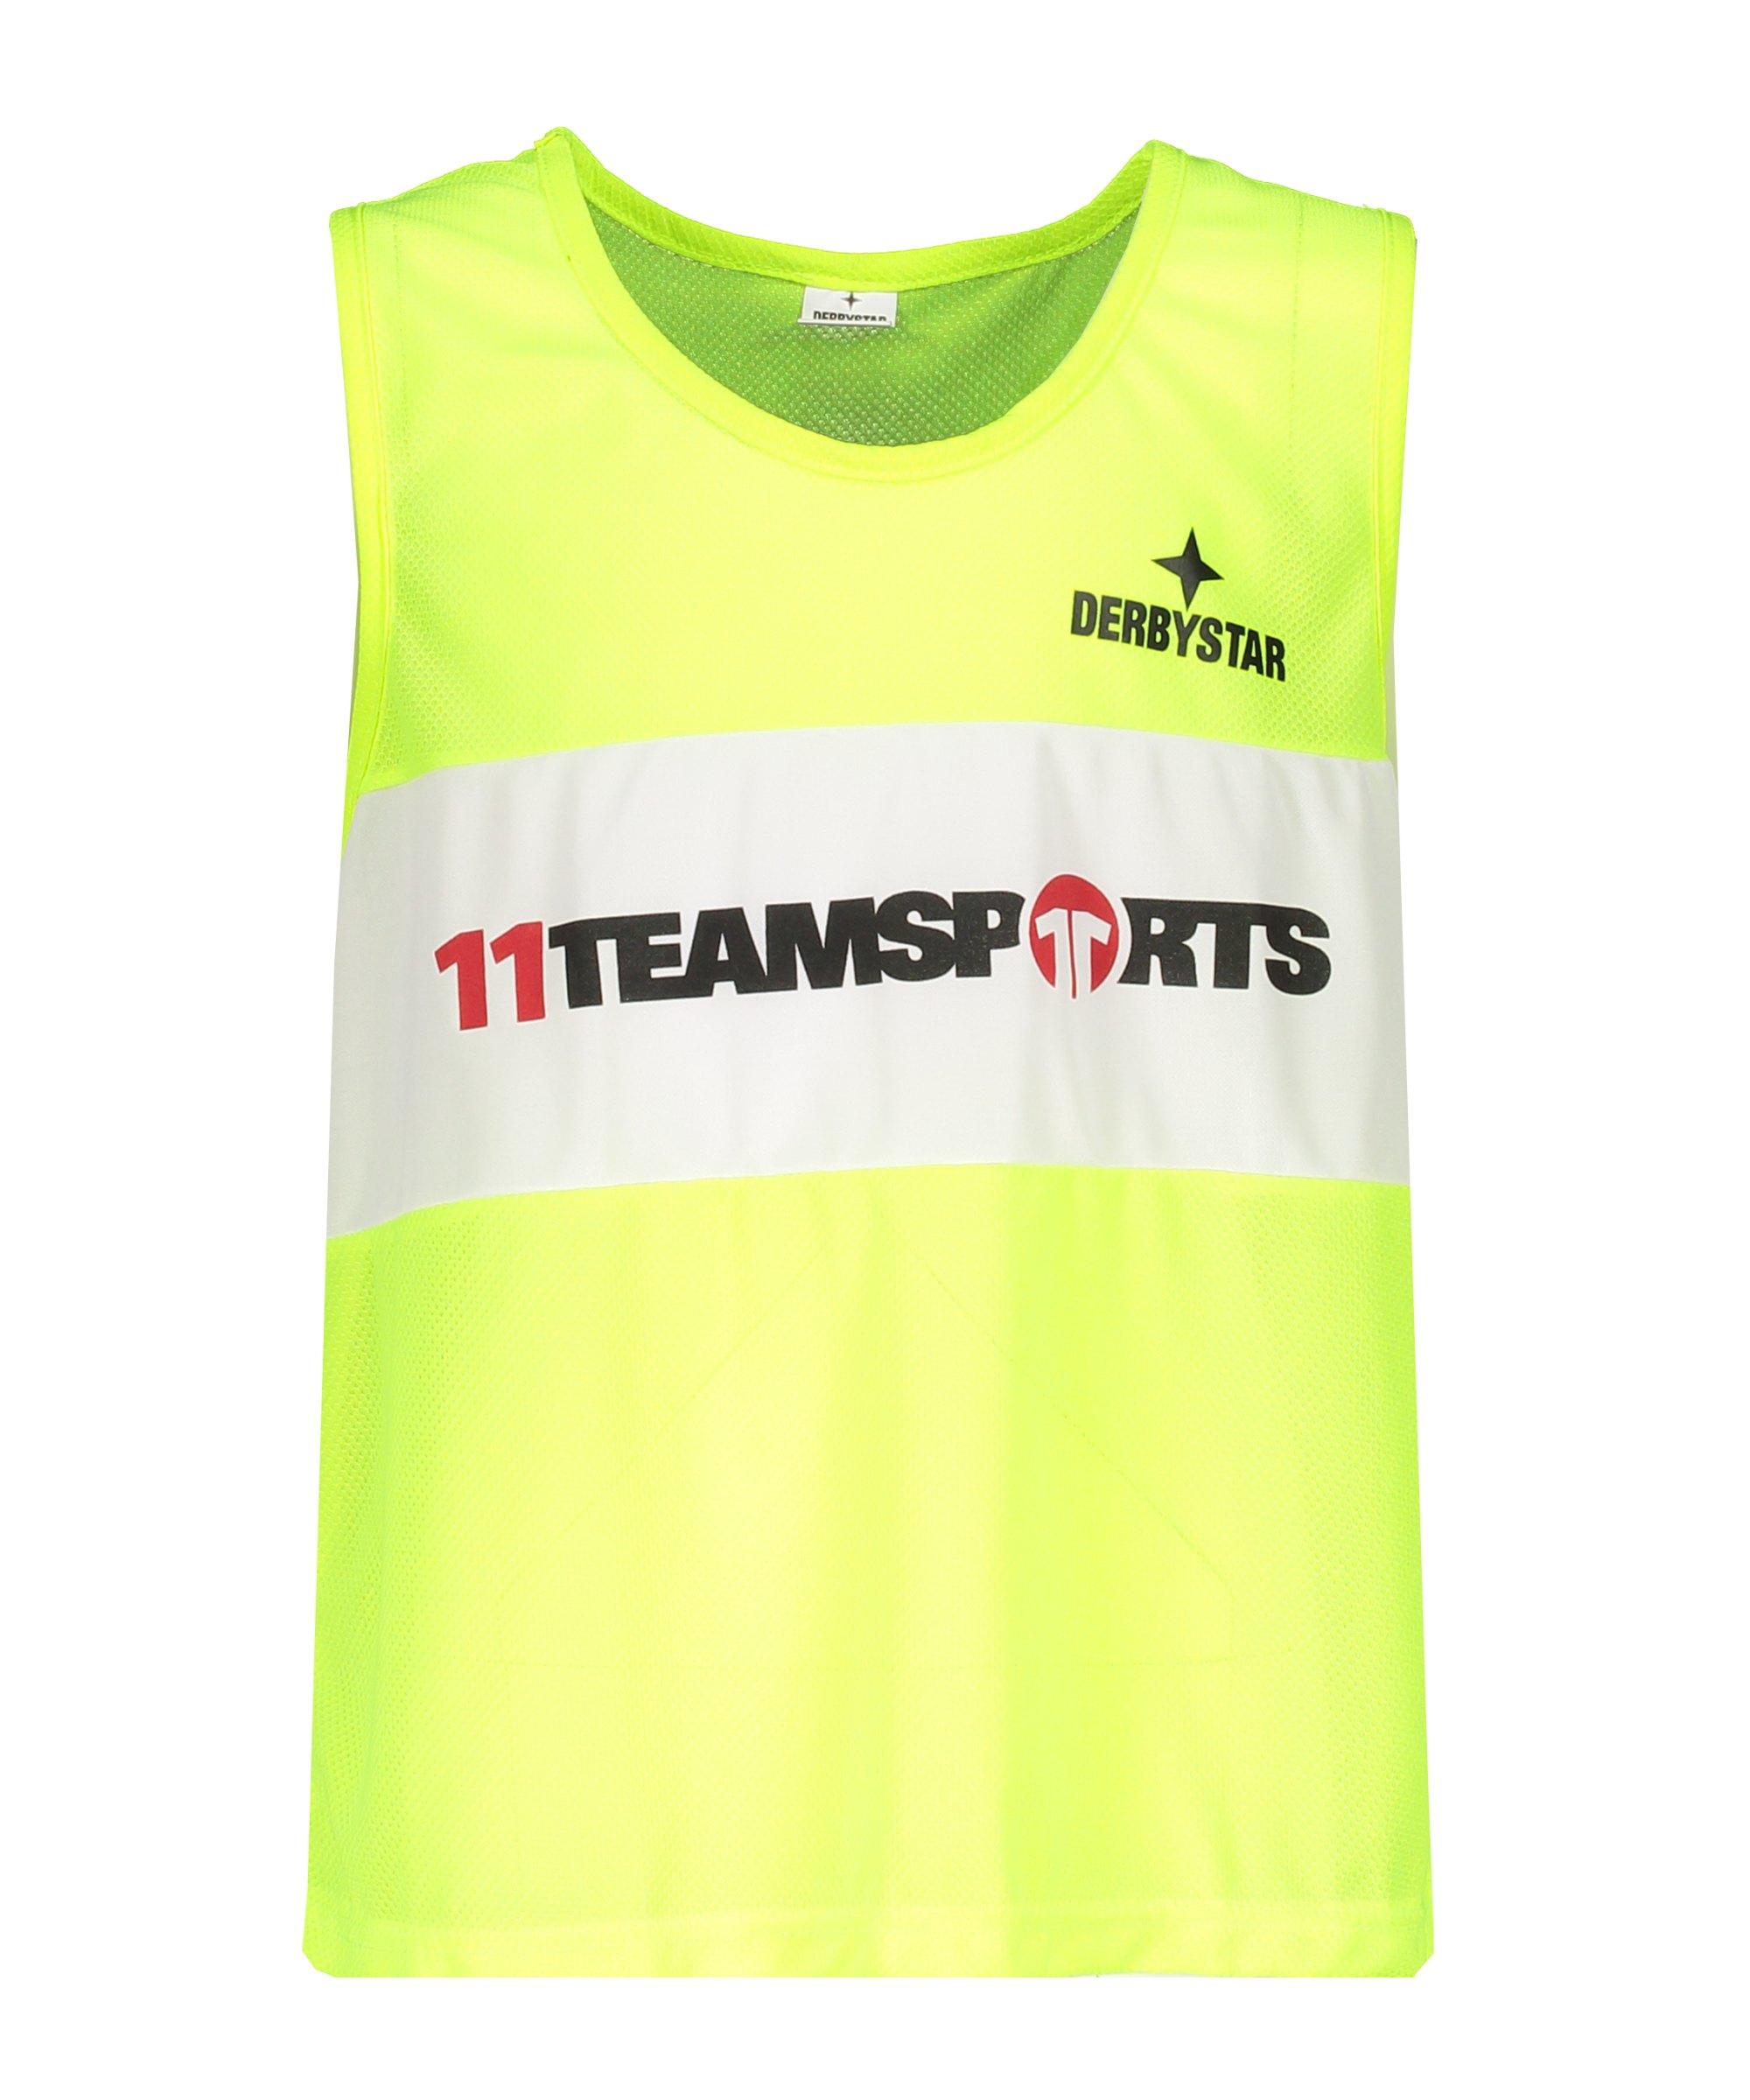 Derbystar Markierungshemdchen 11 teamsports Gelb - gelb